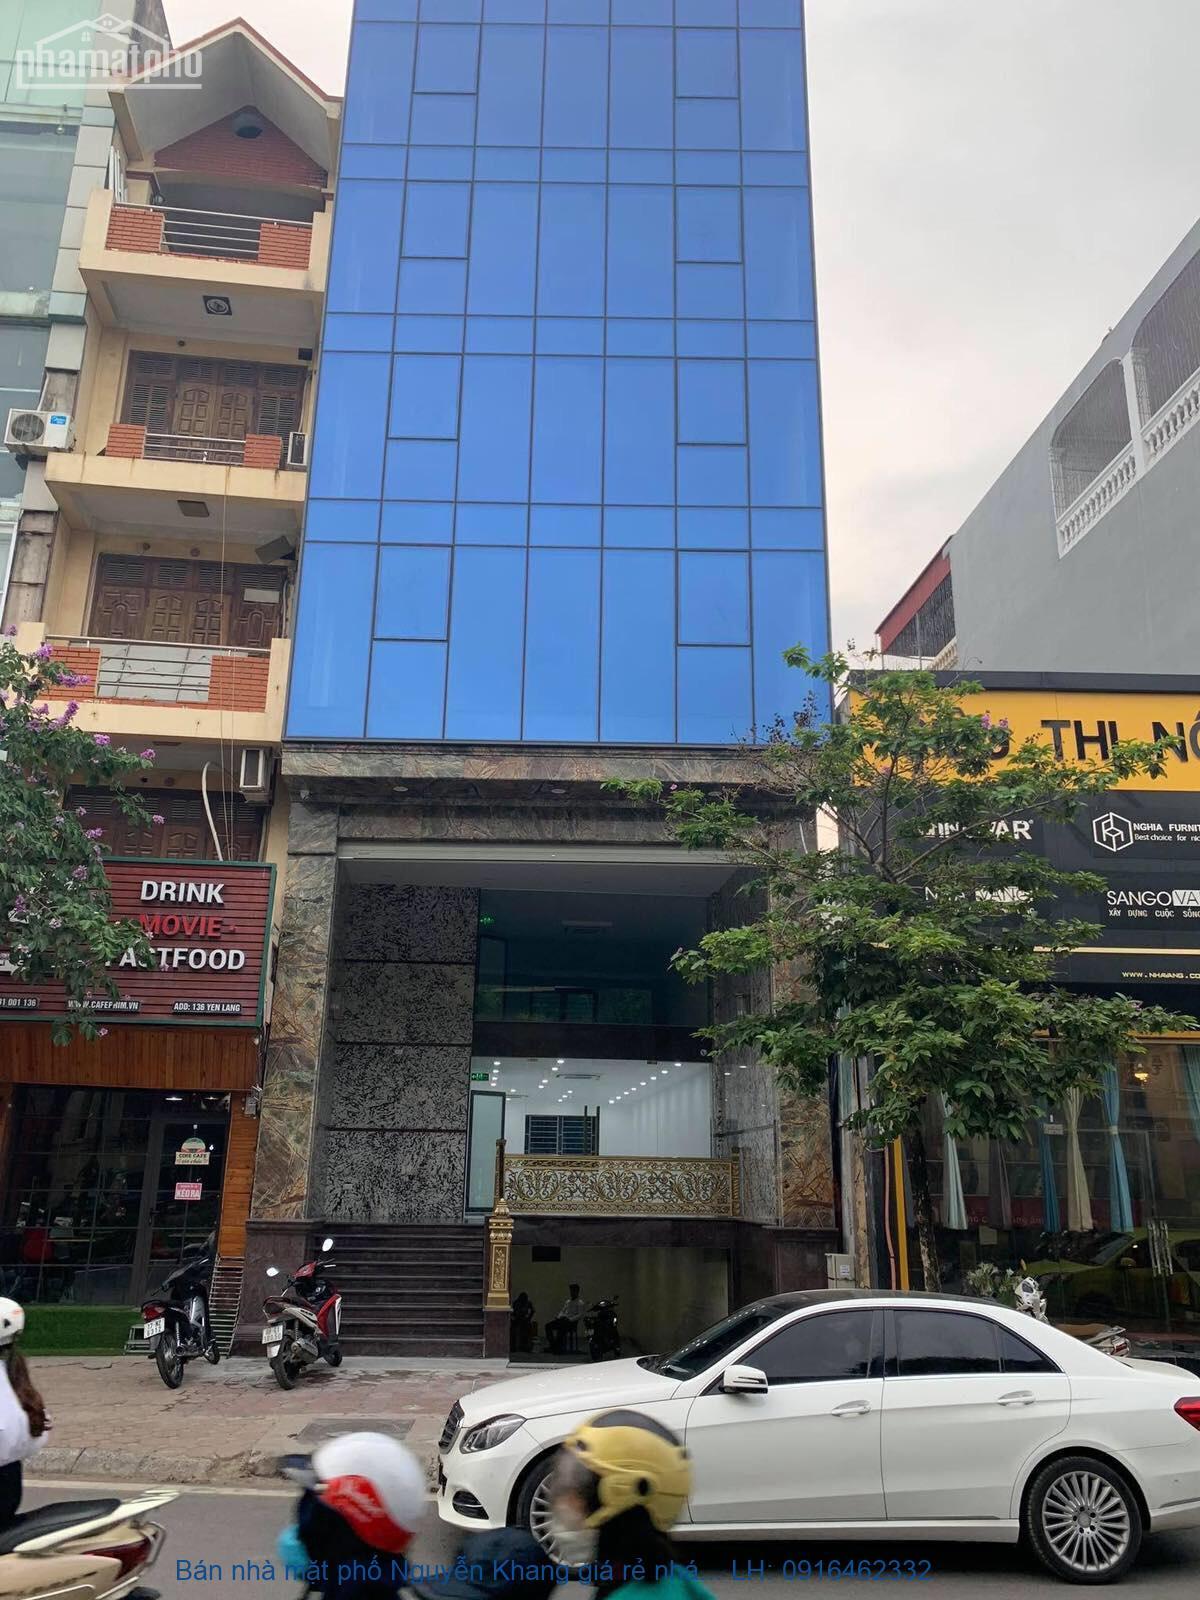 Bán nhà mặt phố Nguyễn Khang giá rẻ nhất thị trường